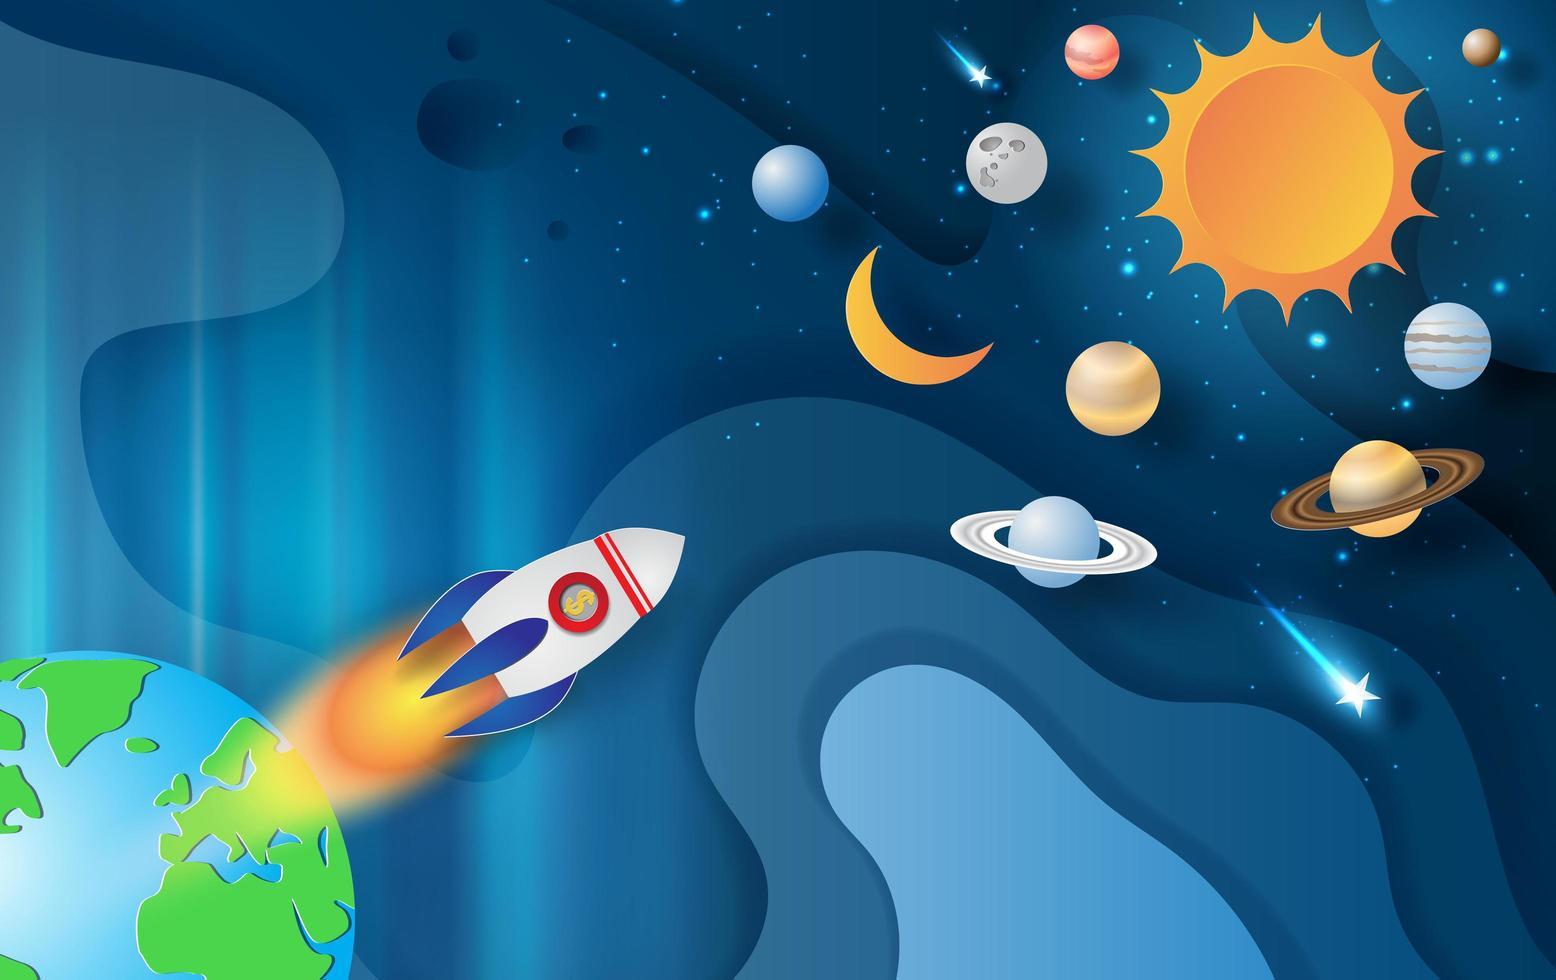 papieren kunstbanner met raketlancering en ruimtemelkweg vector